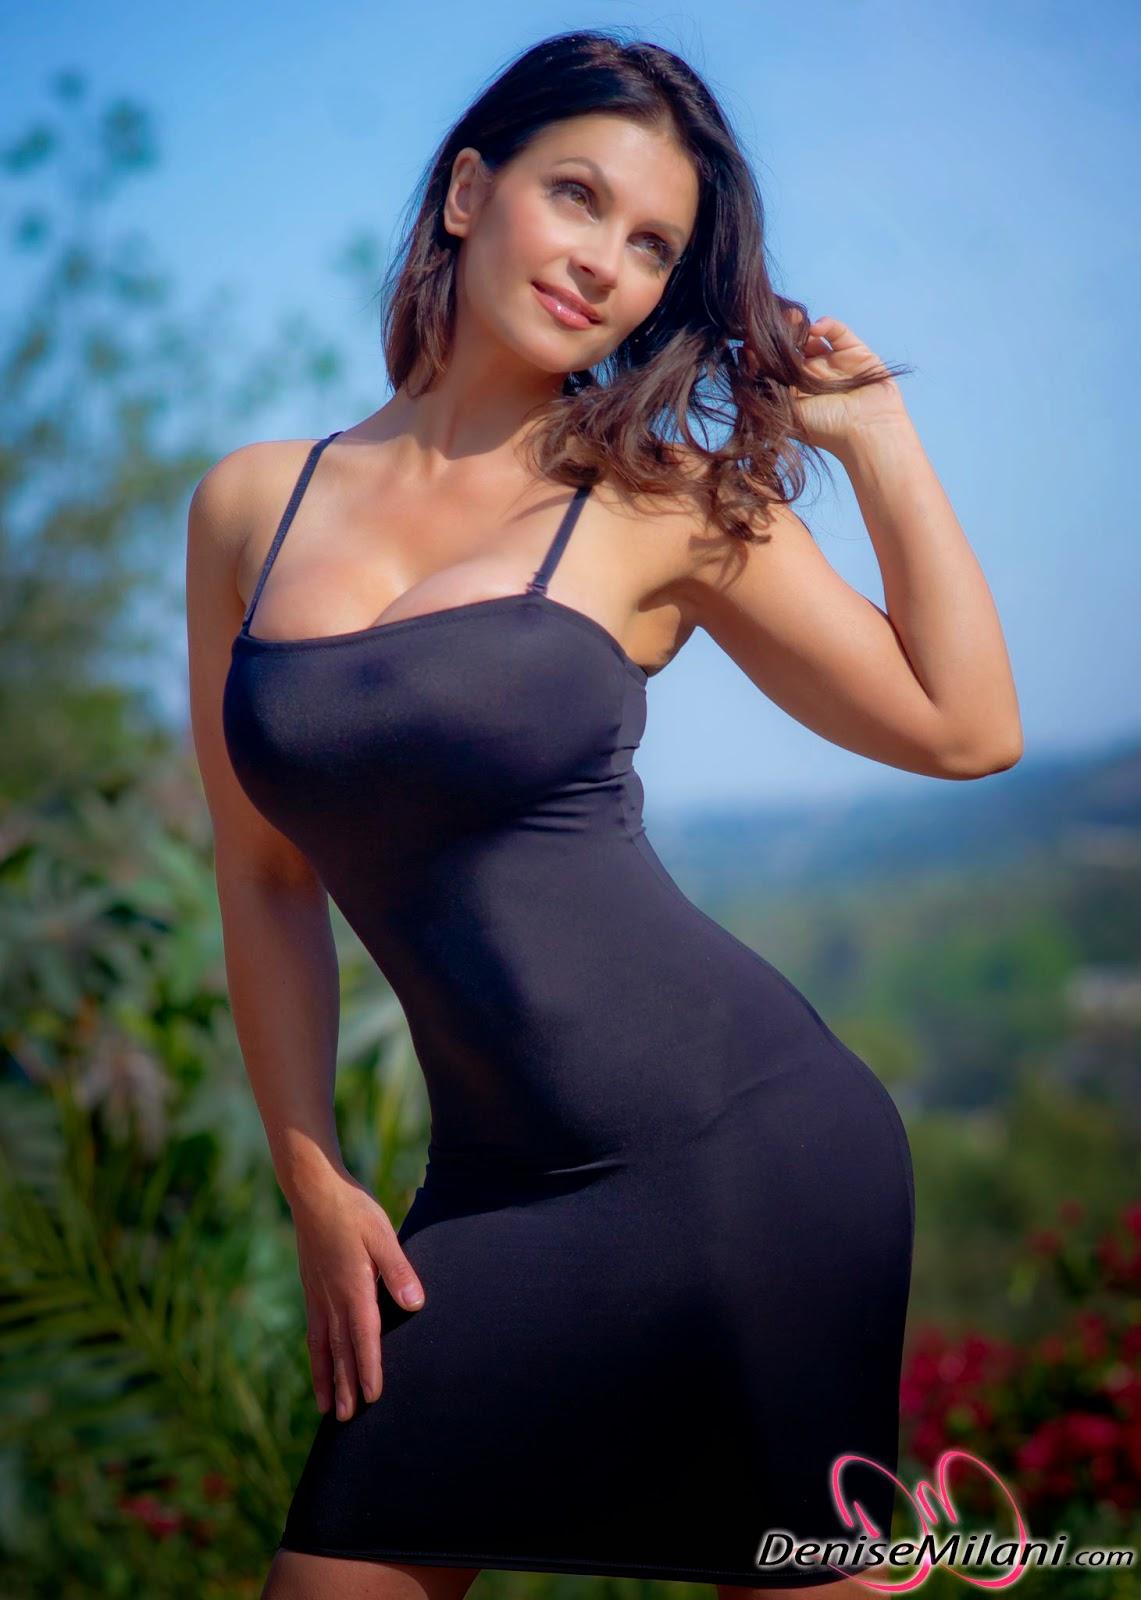 Denise milani black